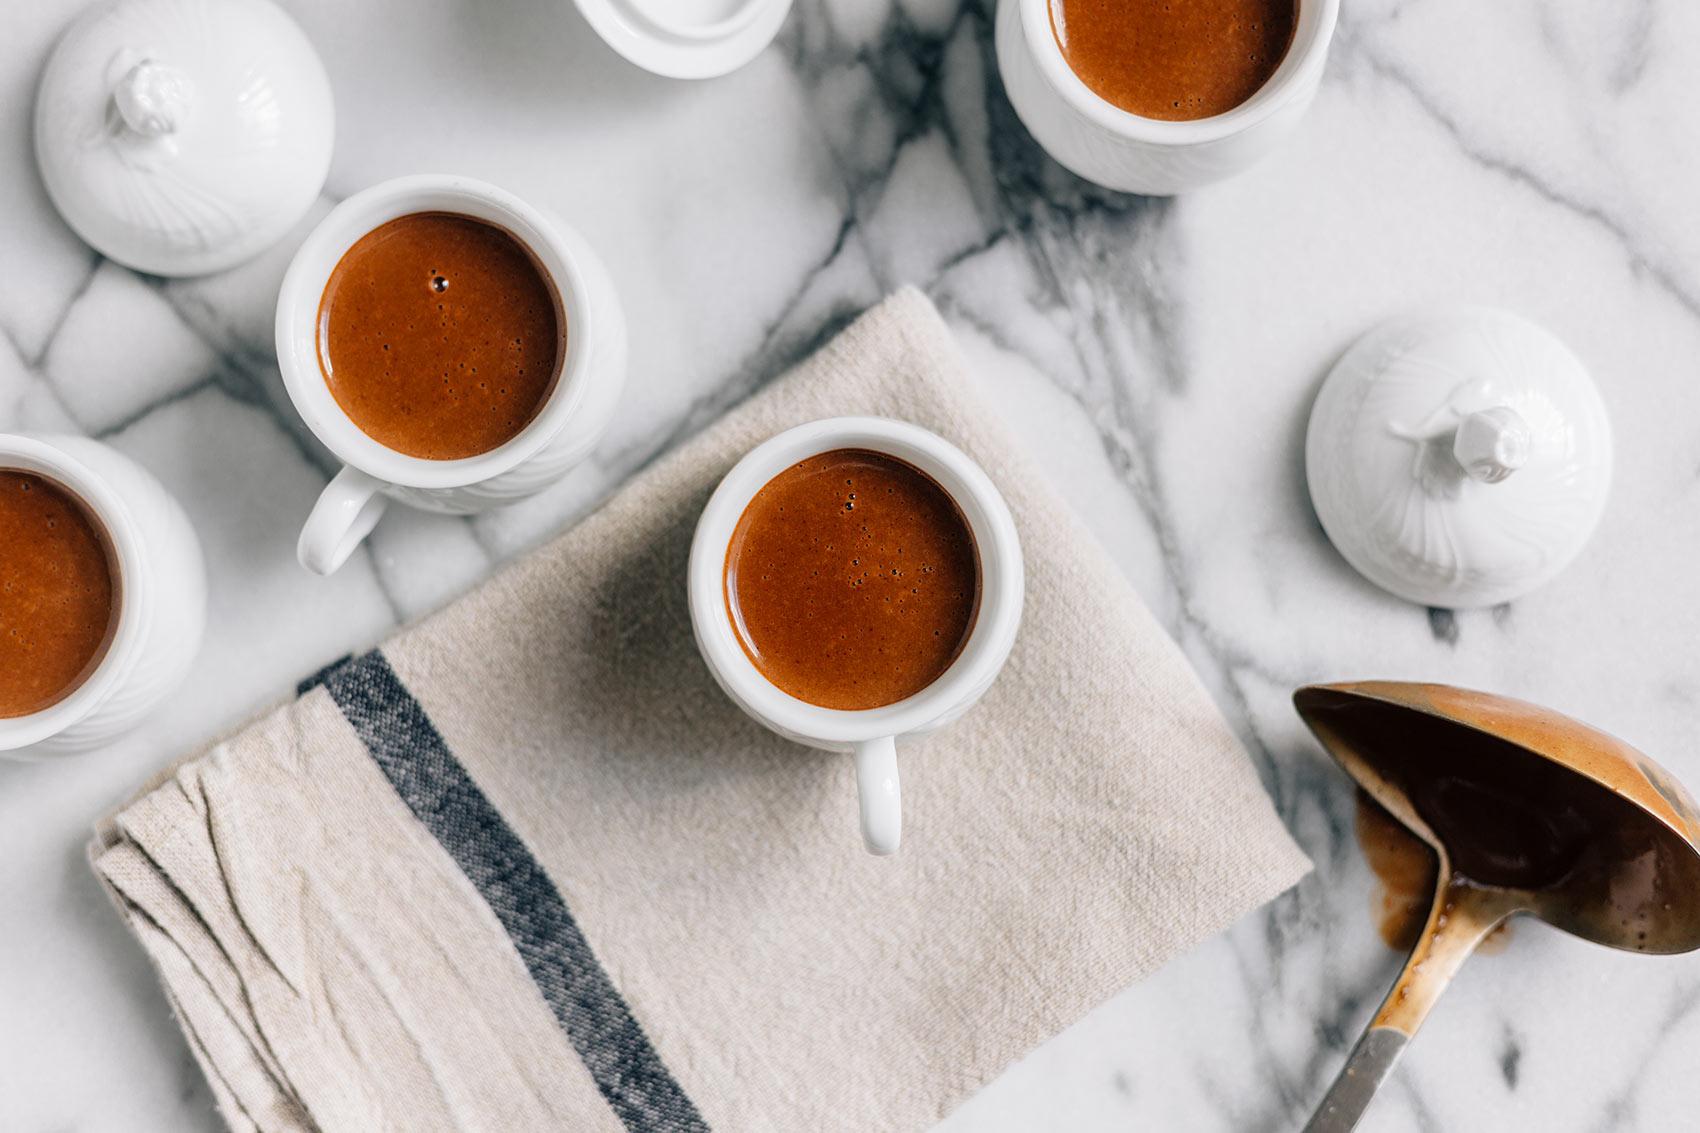 Kaffee vs. Tee